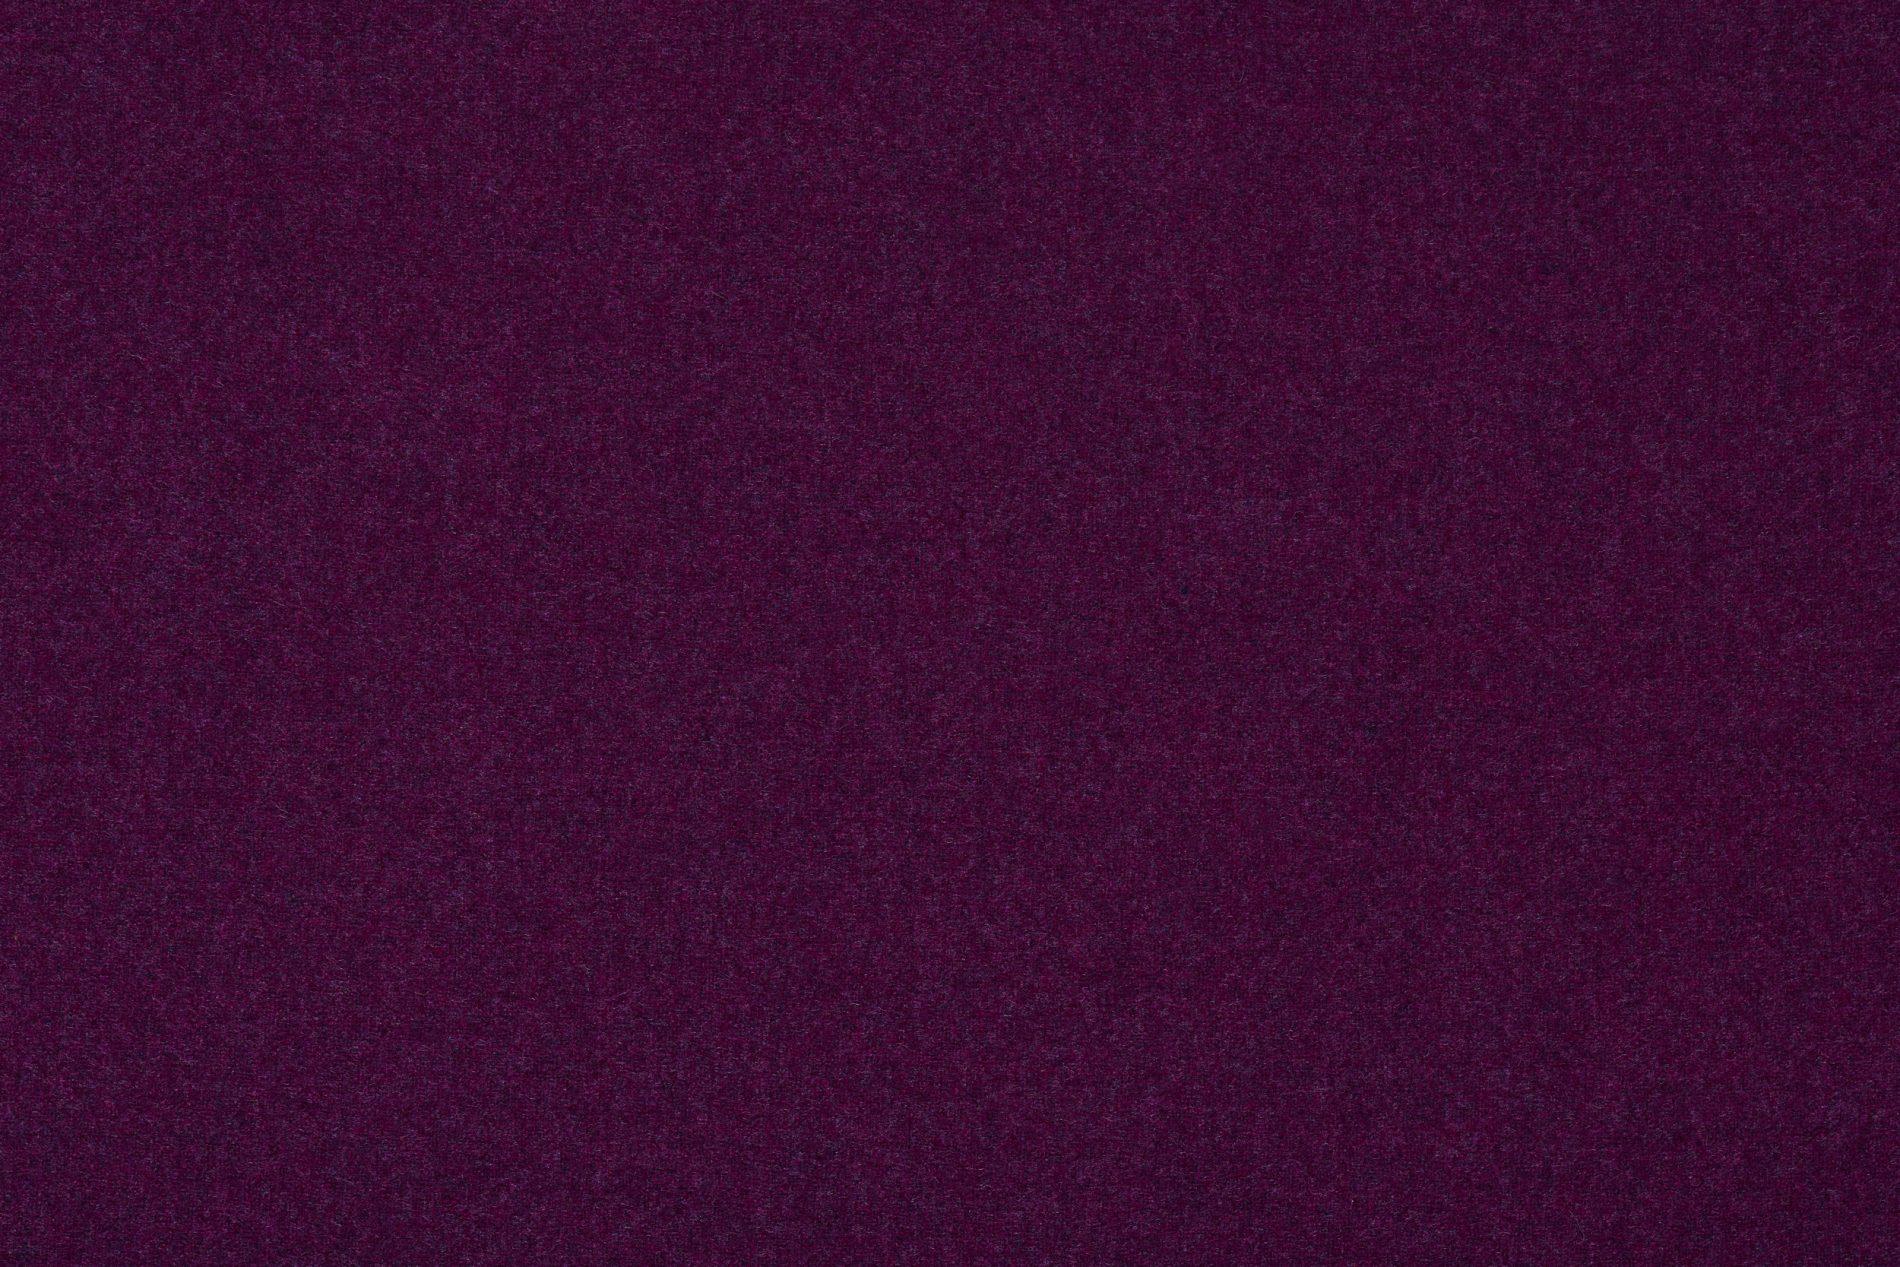 PURE 360 Plain Merino wool (19/6093)